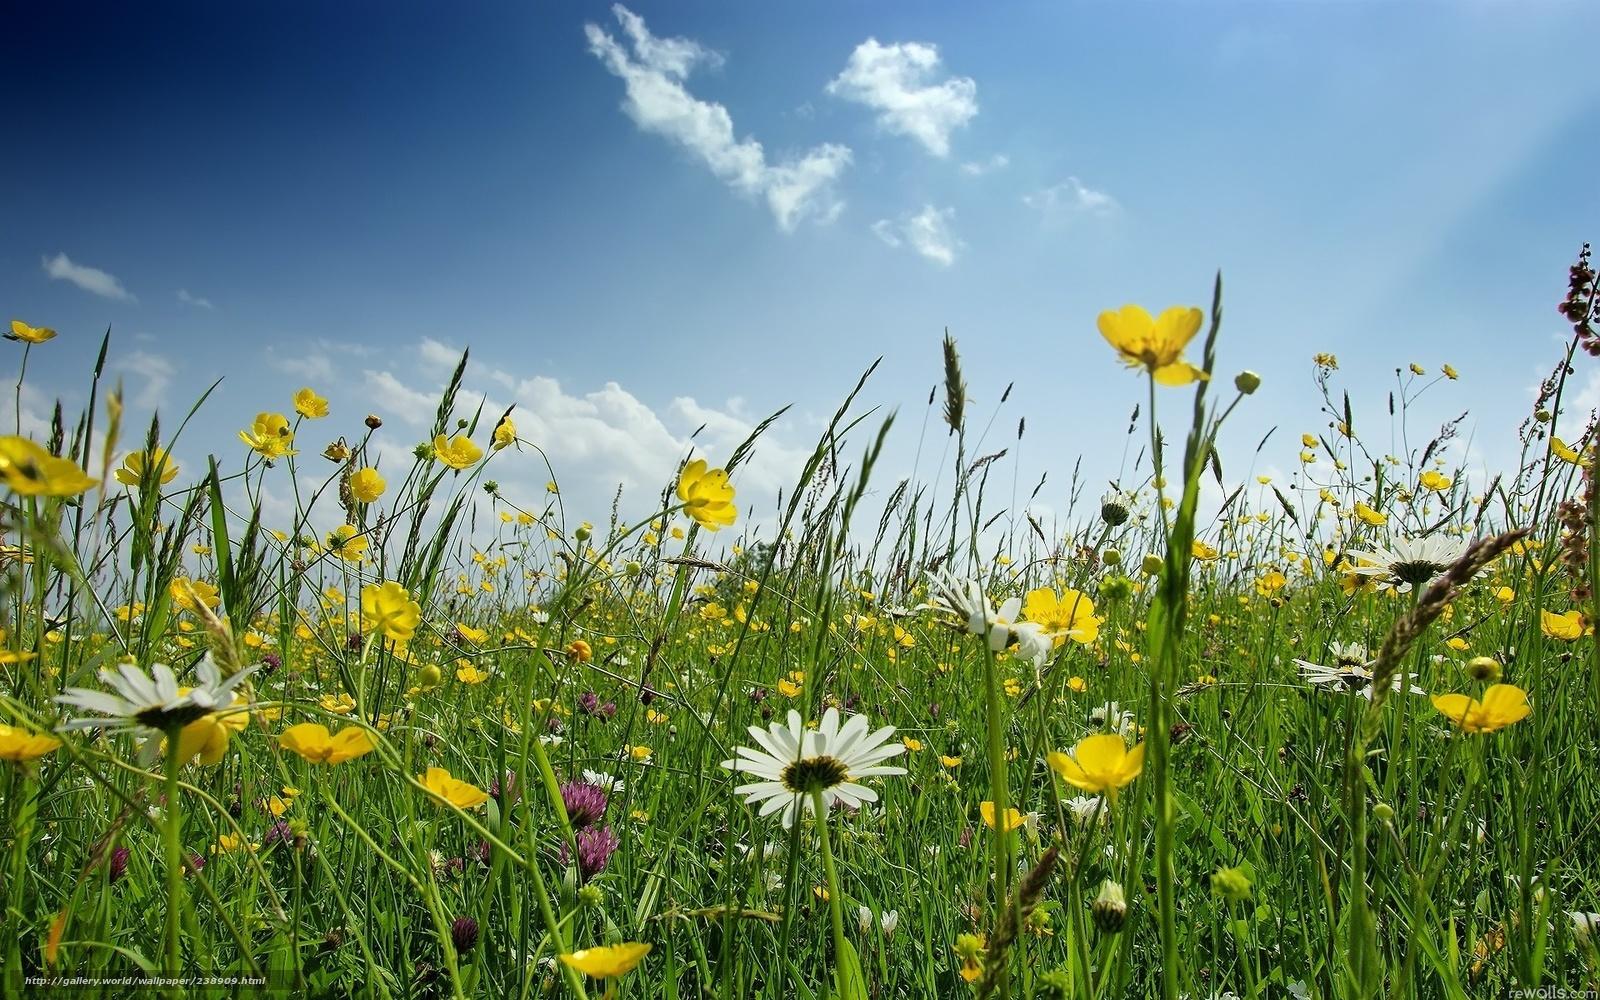 20 aprile e 11 maggio: parliamo di natura, farfalle, uccelli e biodiversità